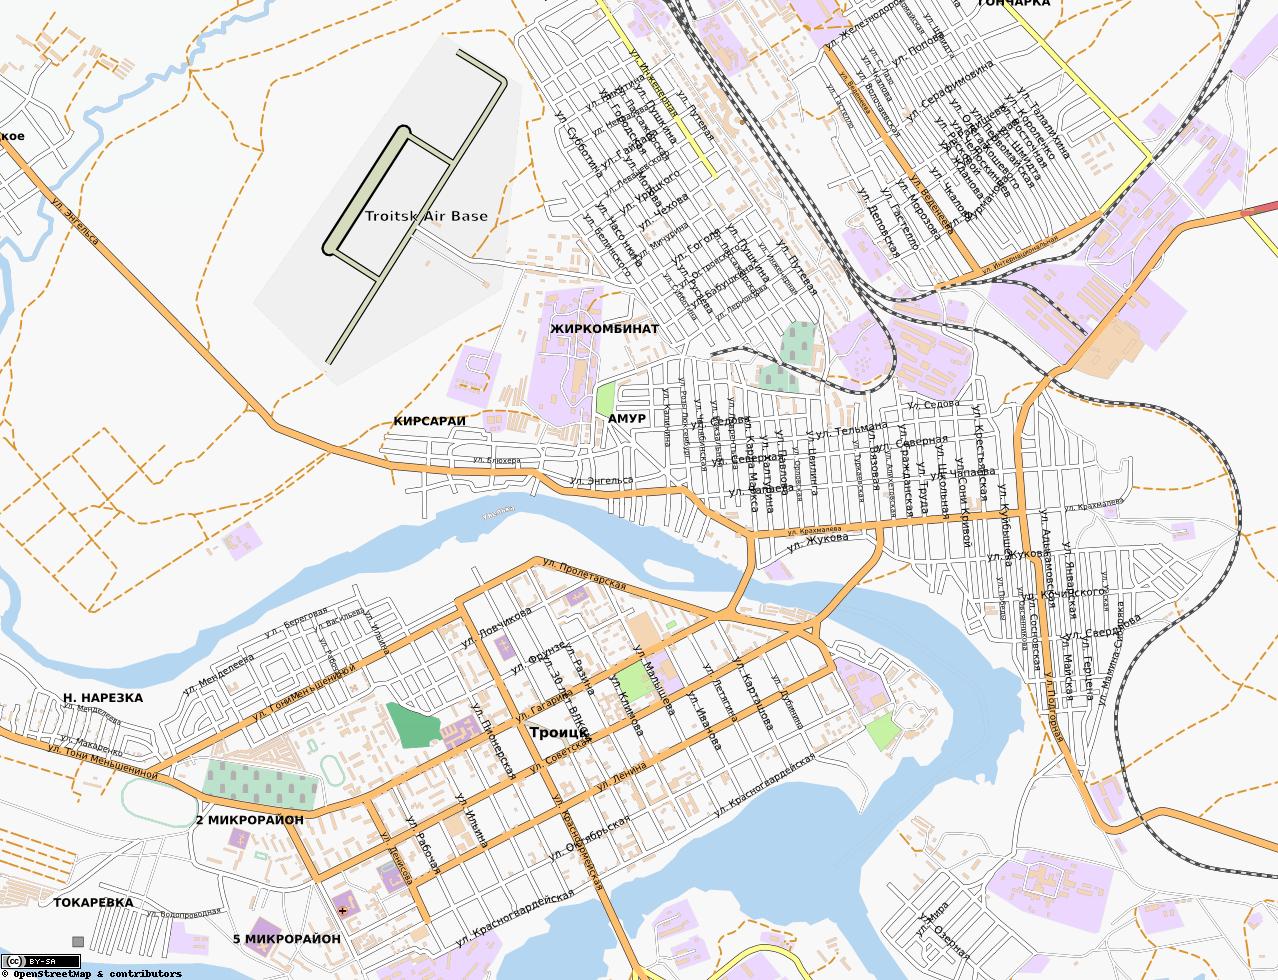 Карта города троицк подробная с